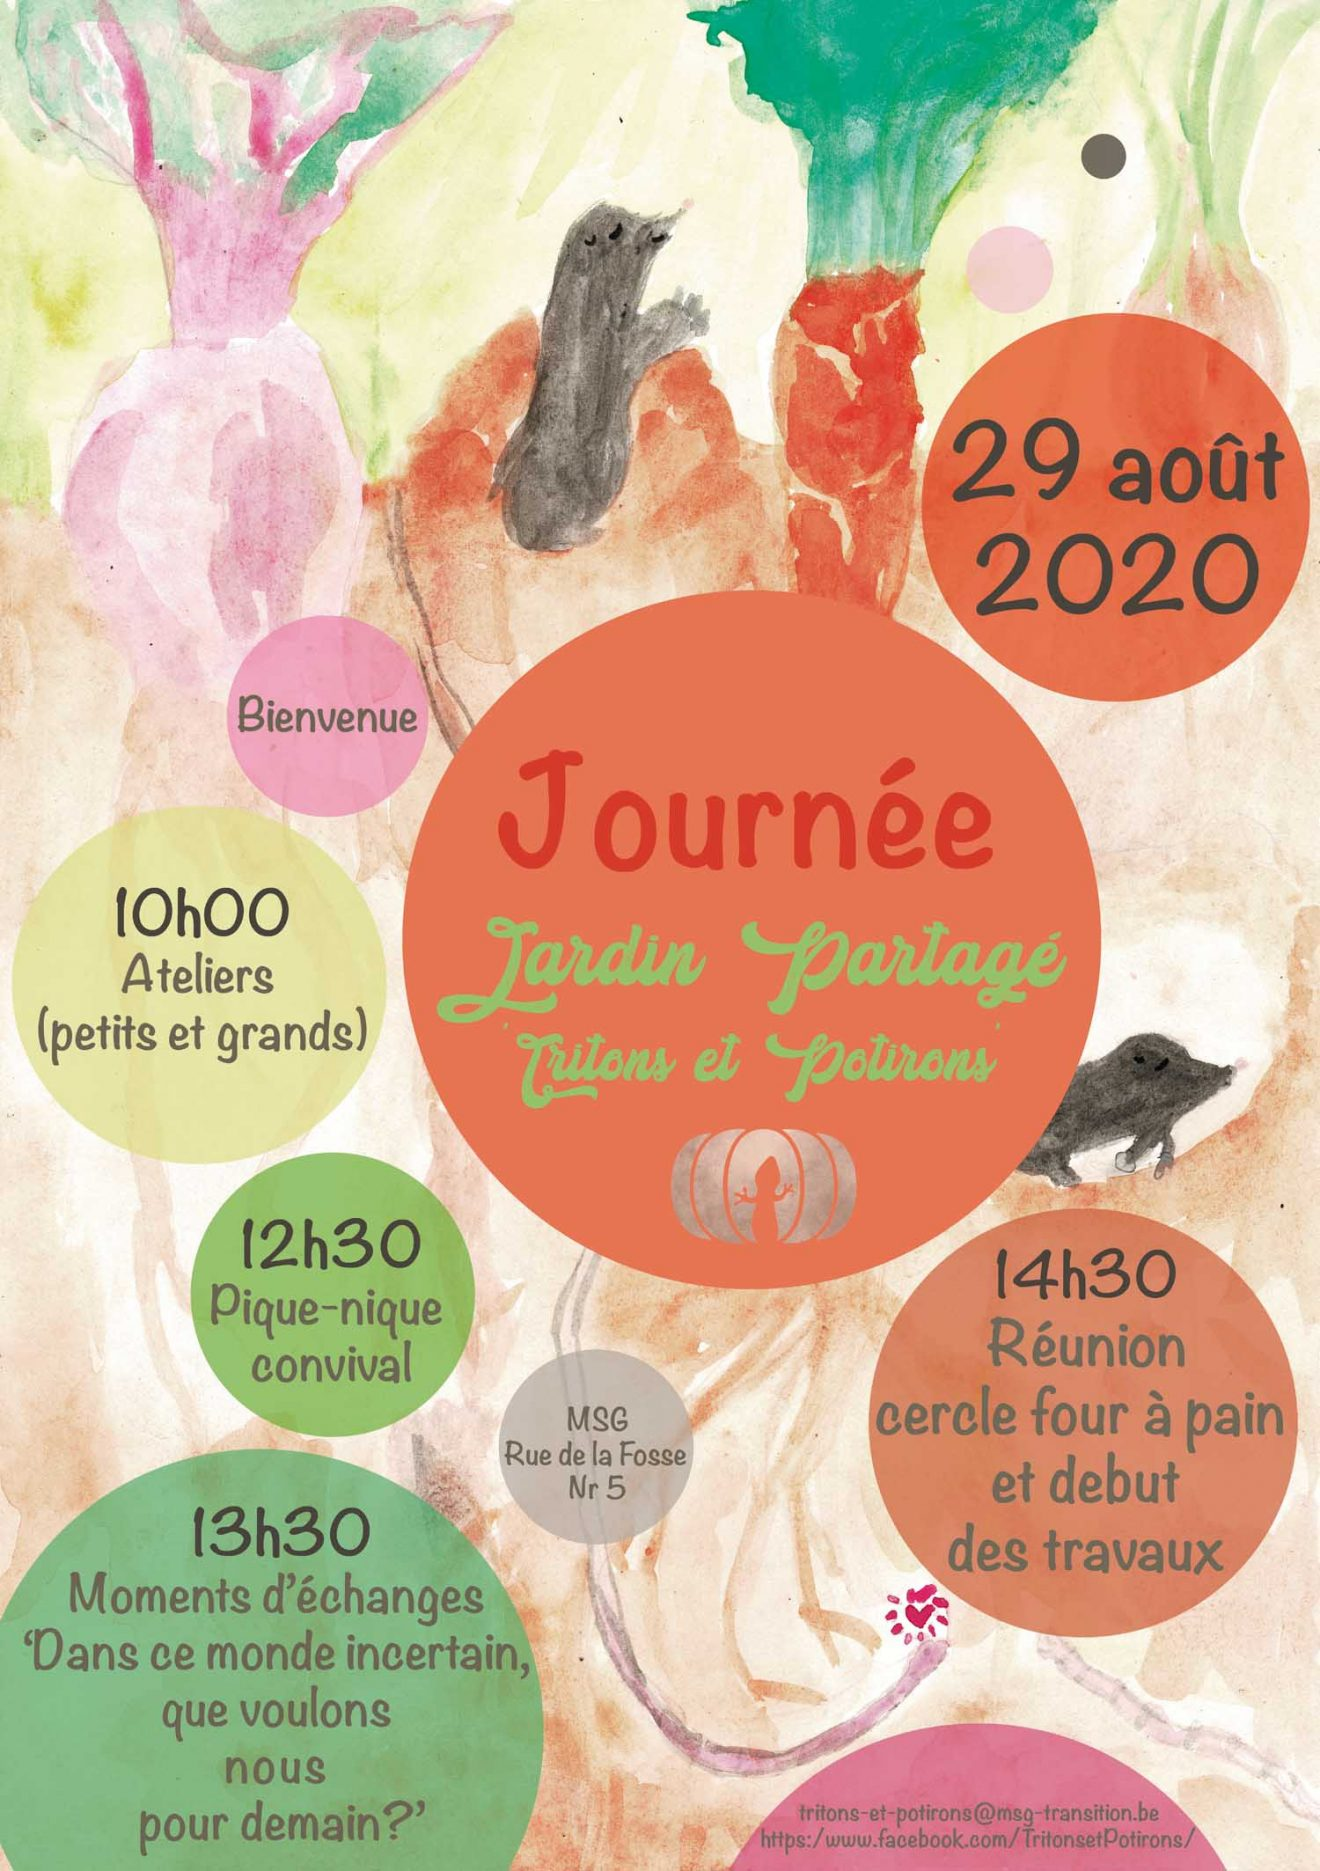 affiche aout 2020 nl